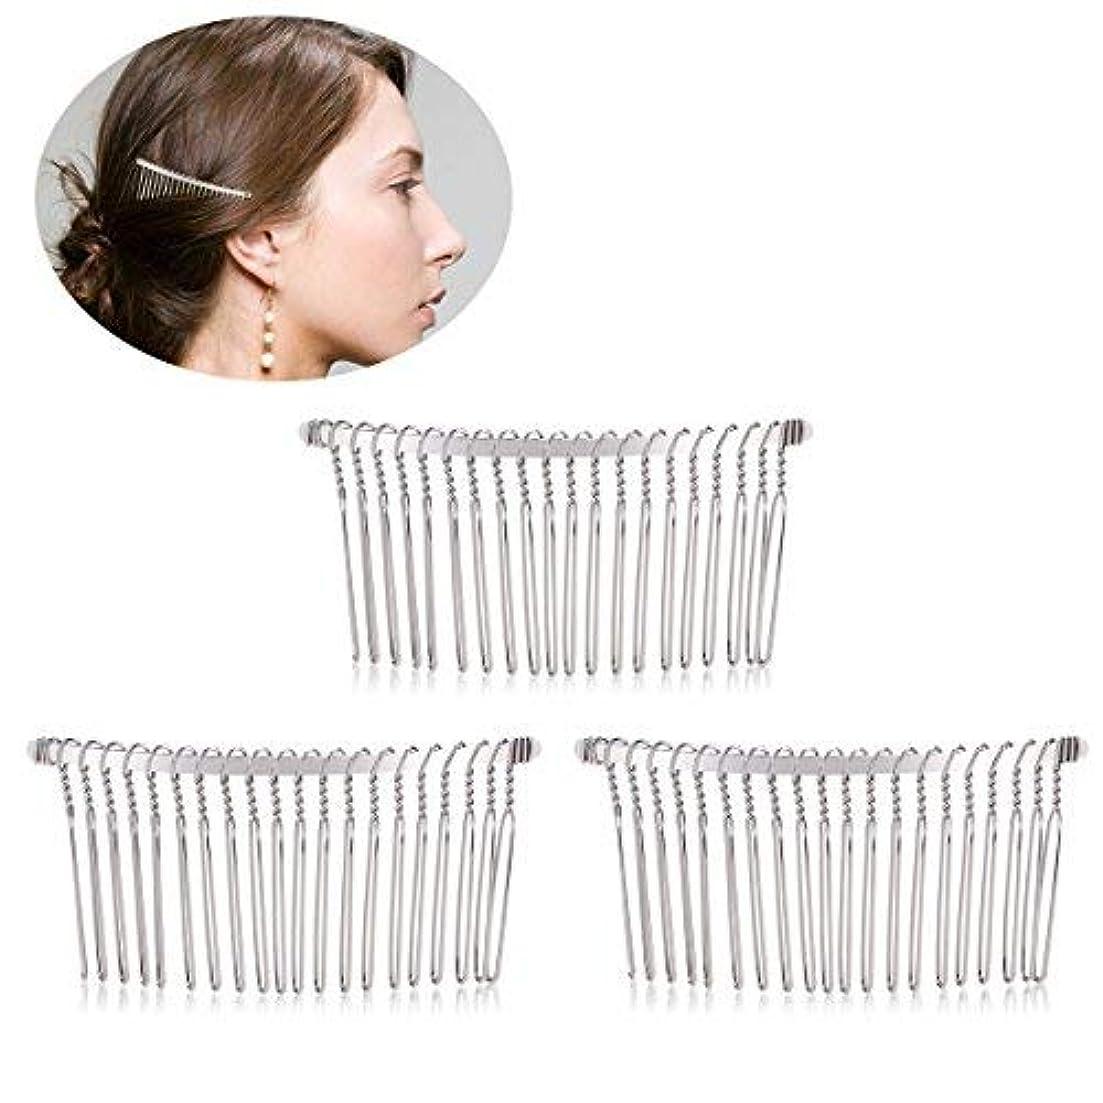 ヘルメット霧深いグラフィックPixnor 3pcs 7.8cm 20 Teeth Fancy DIY Metal Wire Hair Clip Combs Bridal Wedding Veil Combs (Silver) [並行輸入品]